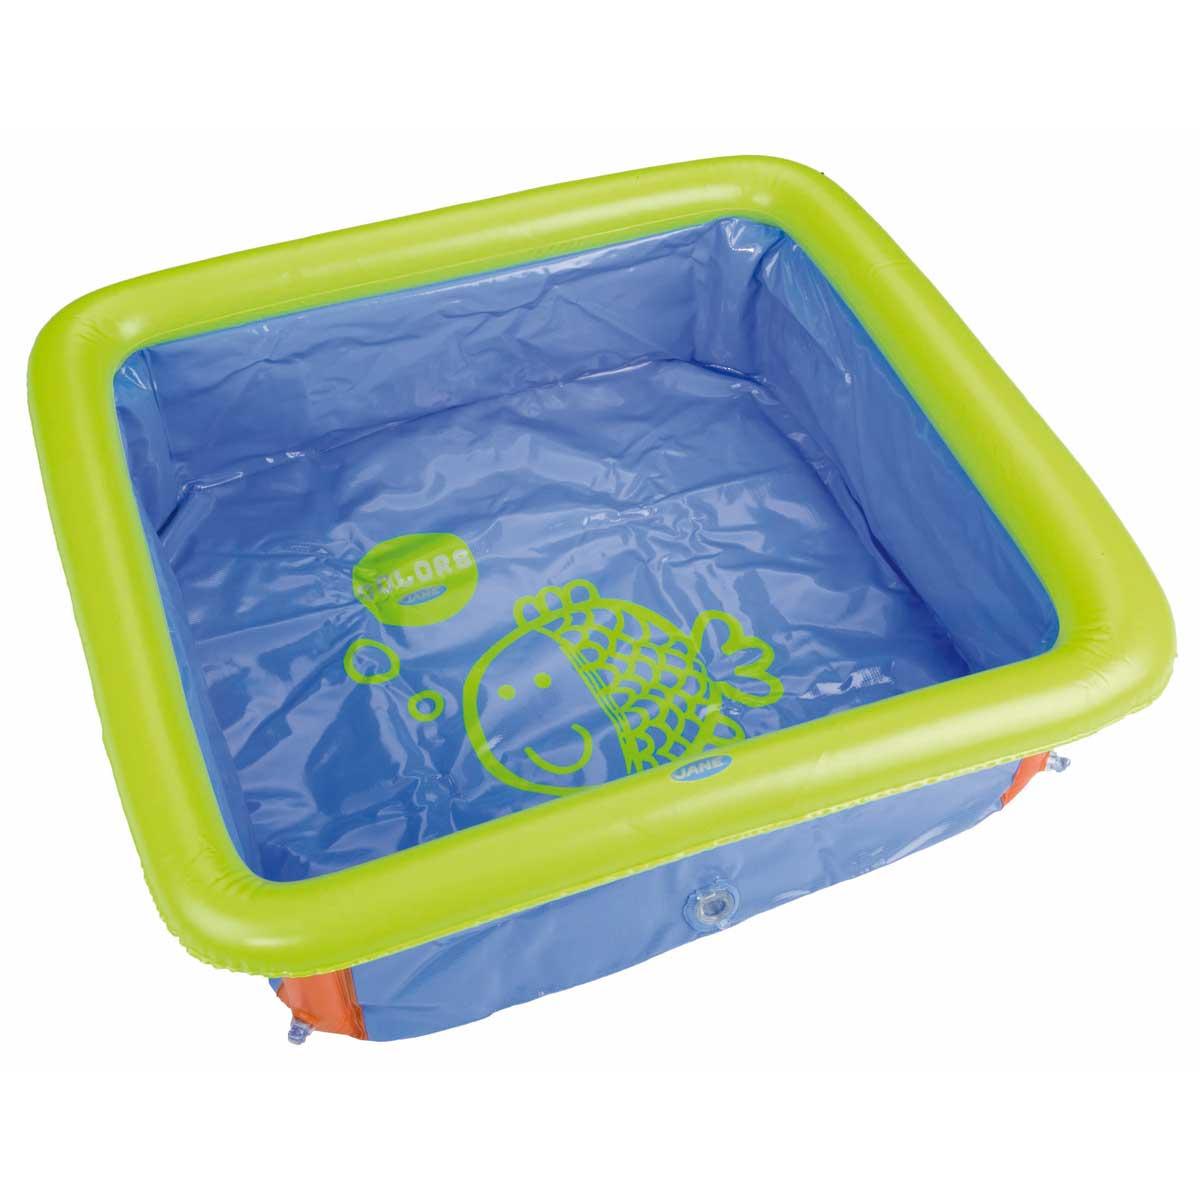 jane baignoire gonflable universelle pour douche comparer avec touslesprix com